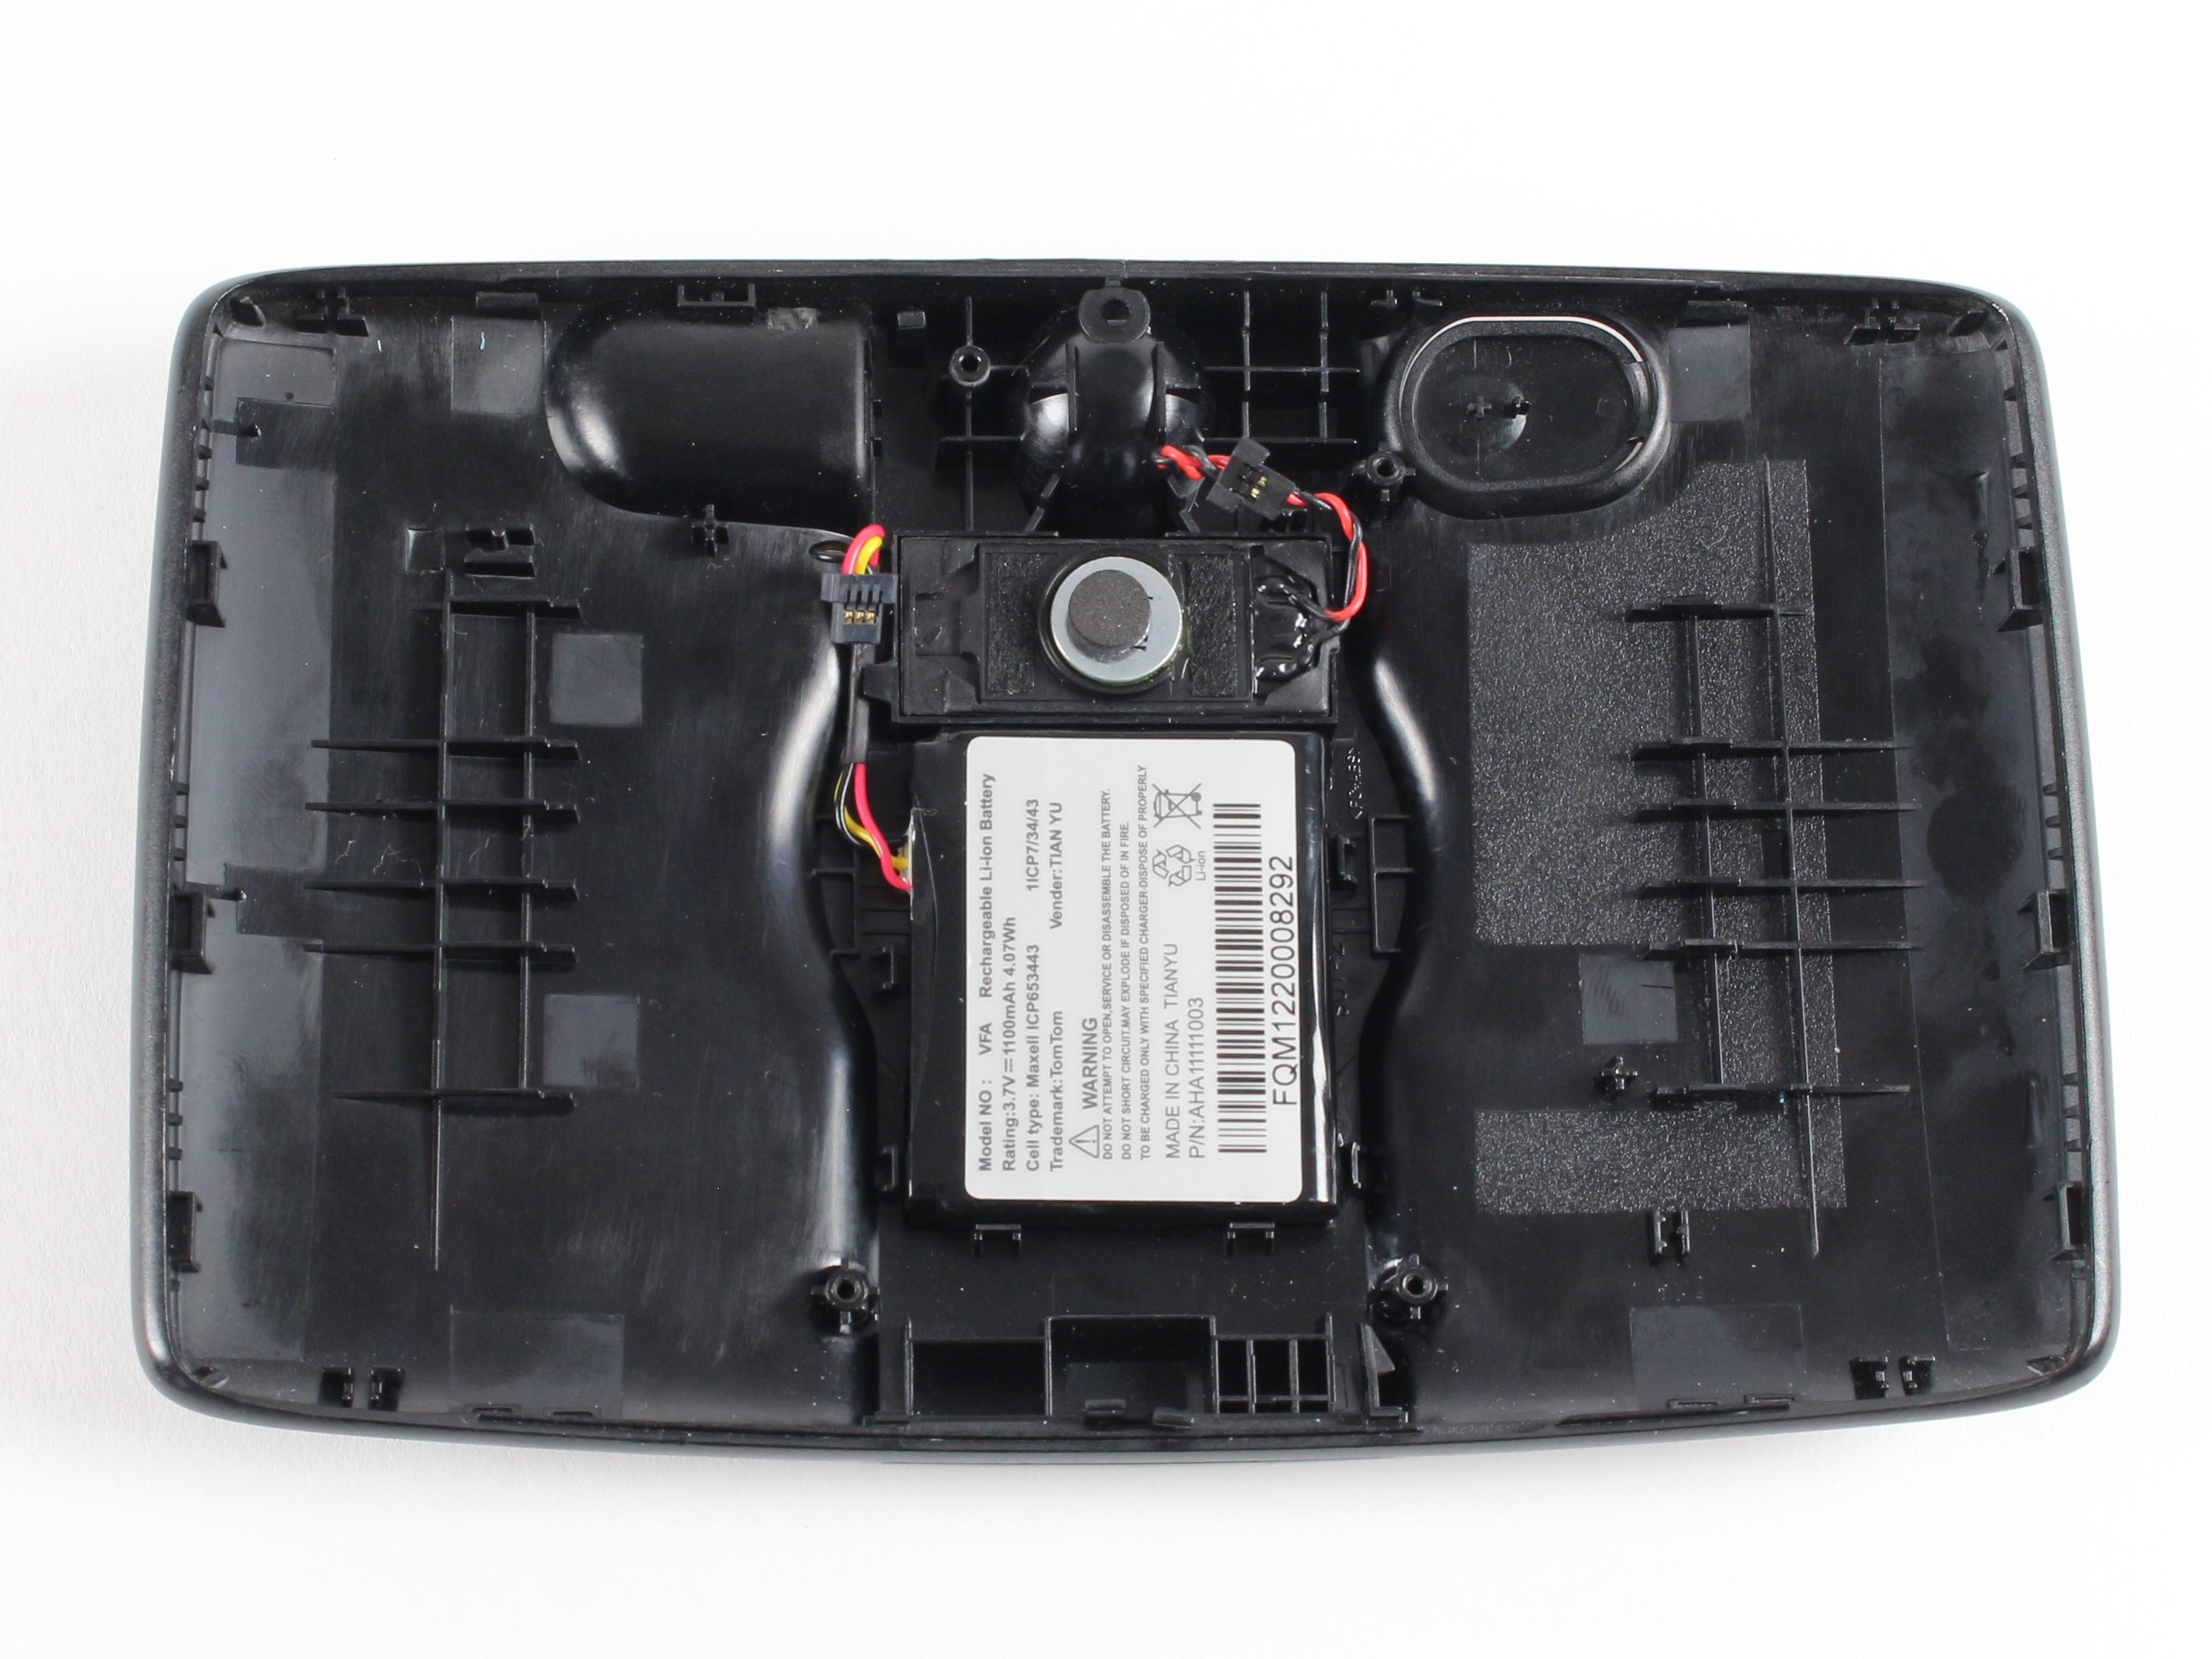 Tomtom Via 1530 Tm Battery Replacement Tutoriel De Rparation Ifixit Short Circuit No Disassemble